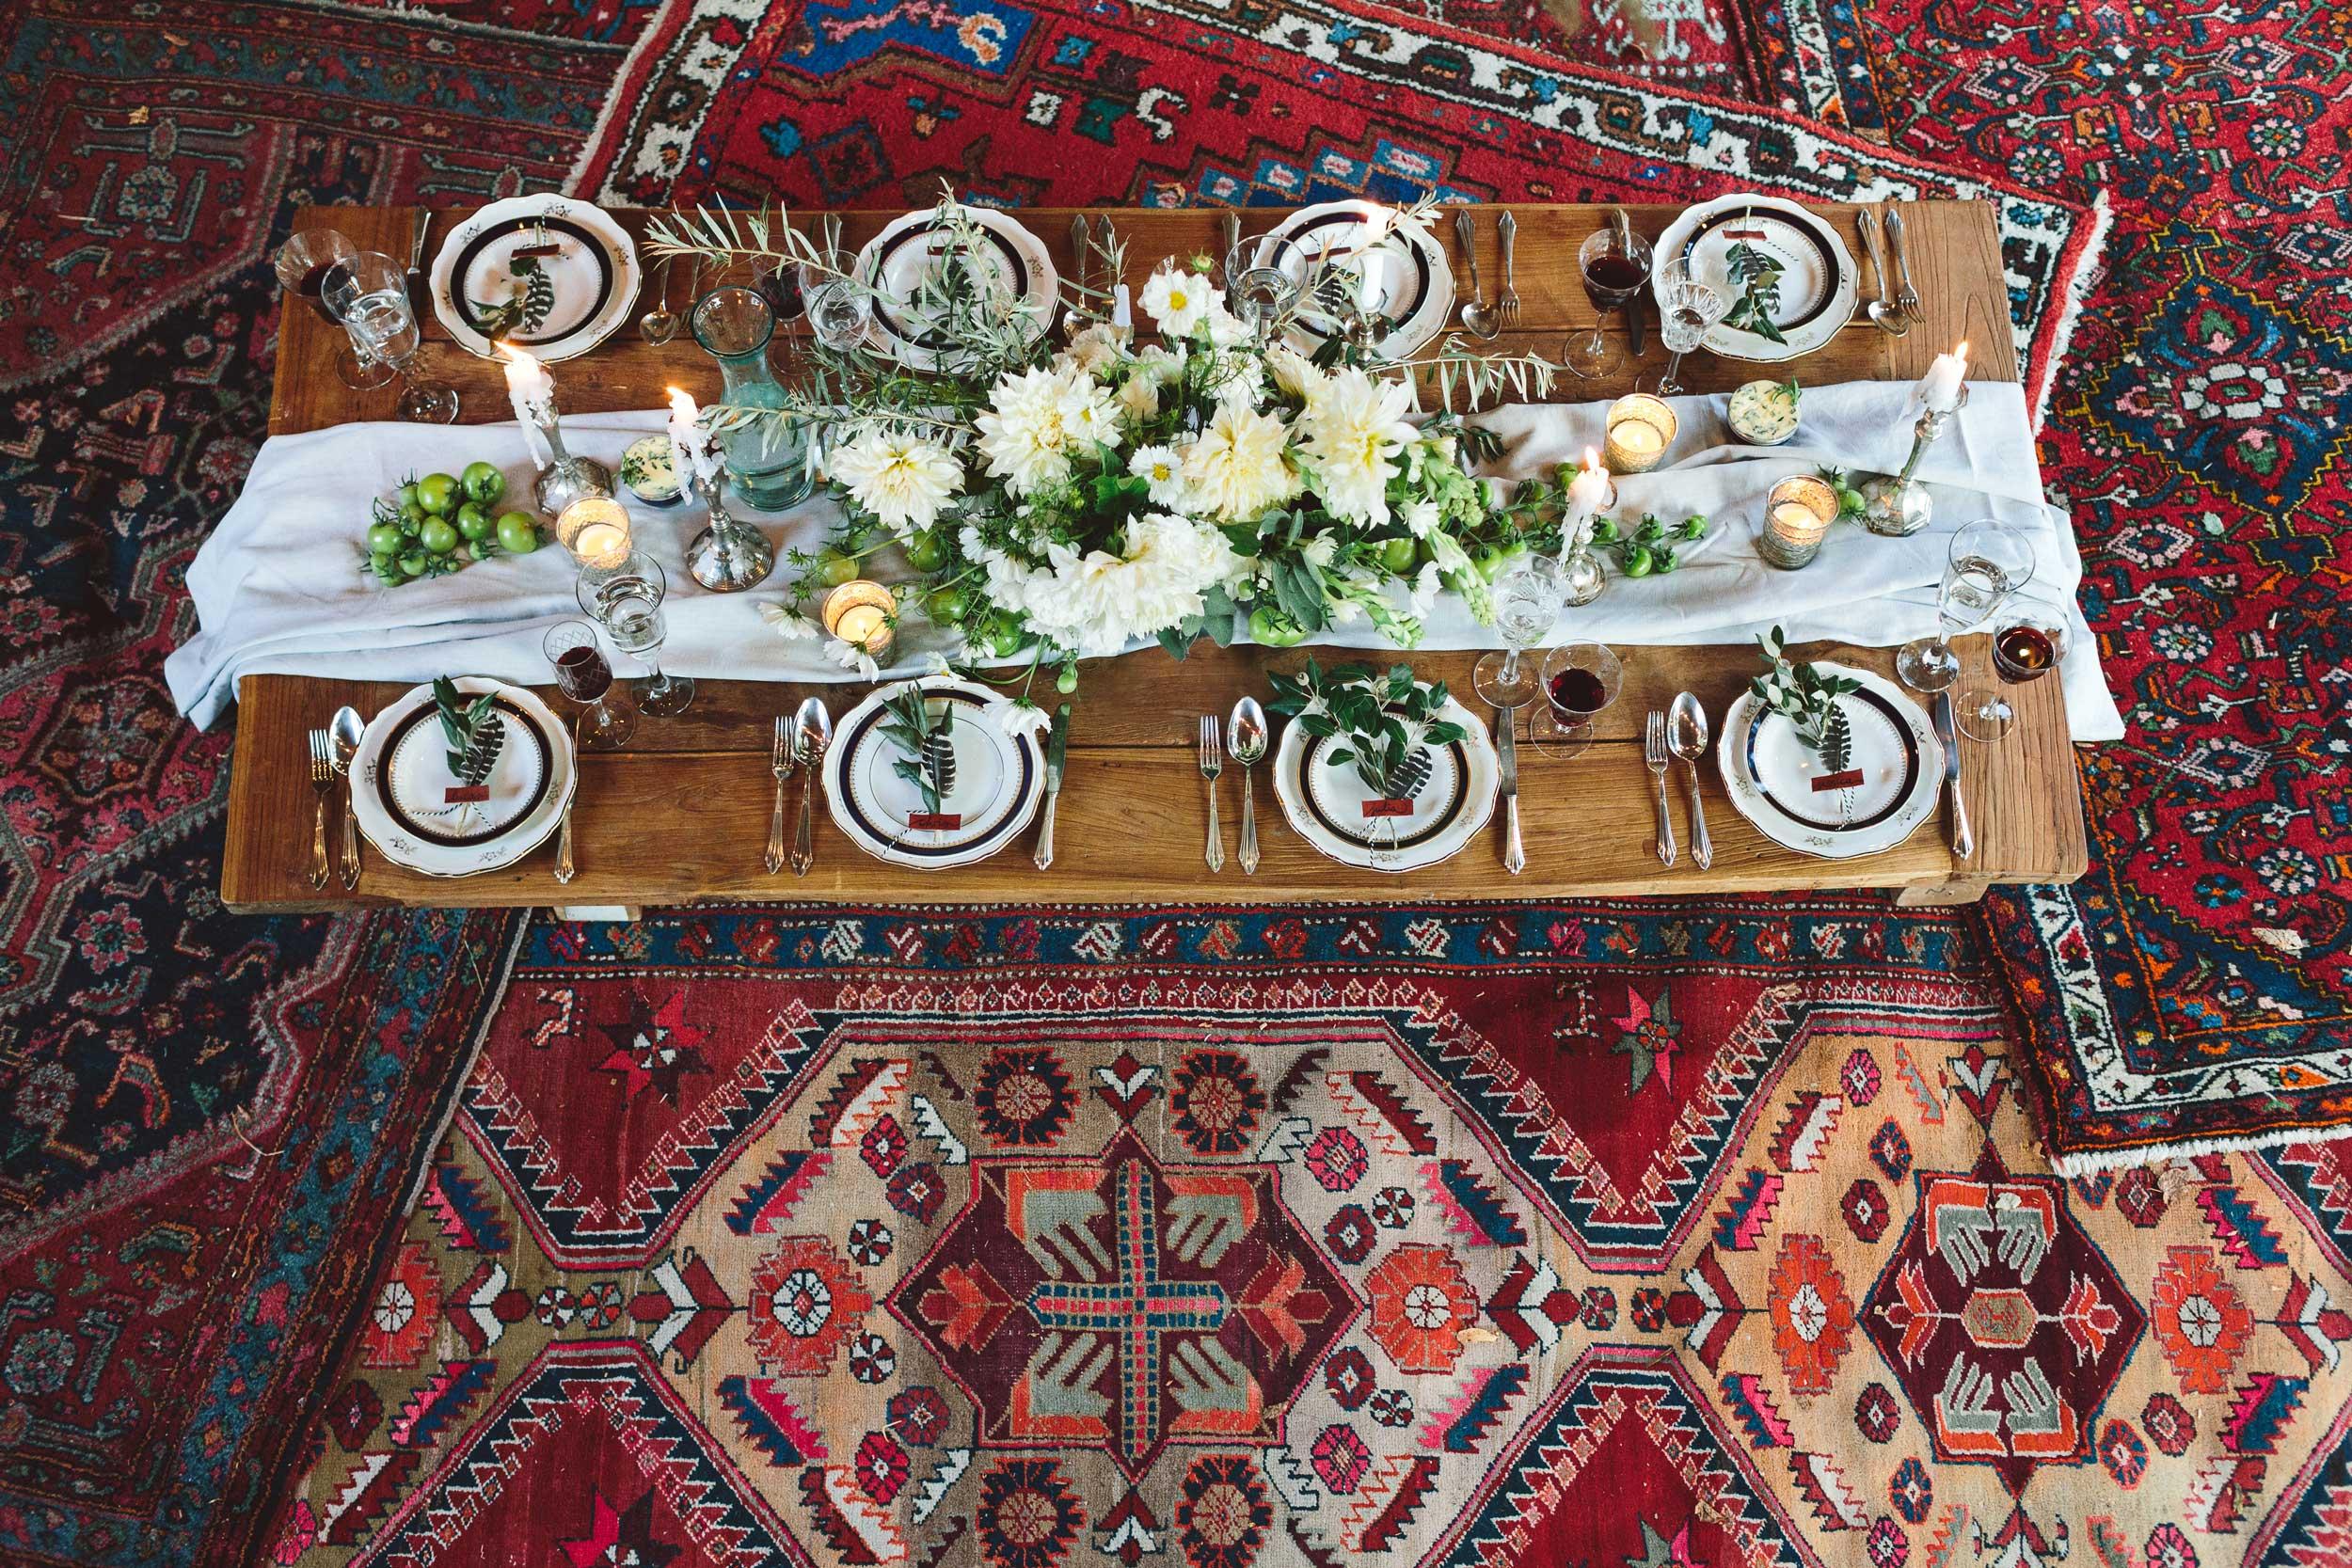 8_web_style_gipsy_wedding_138